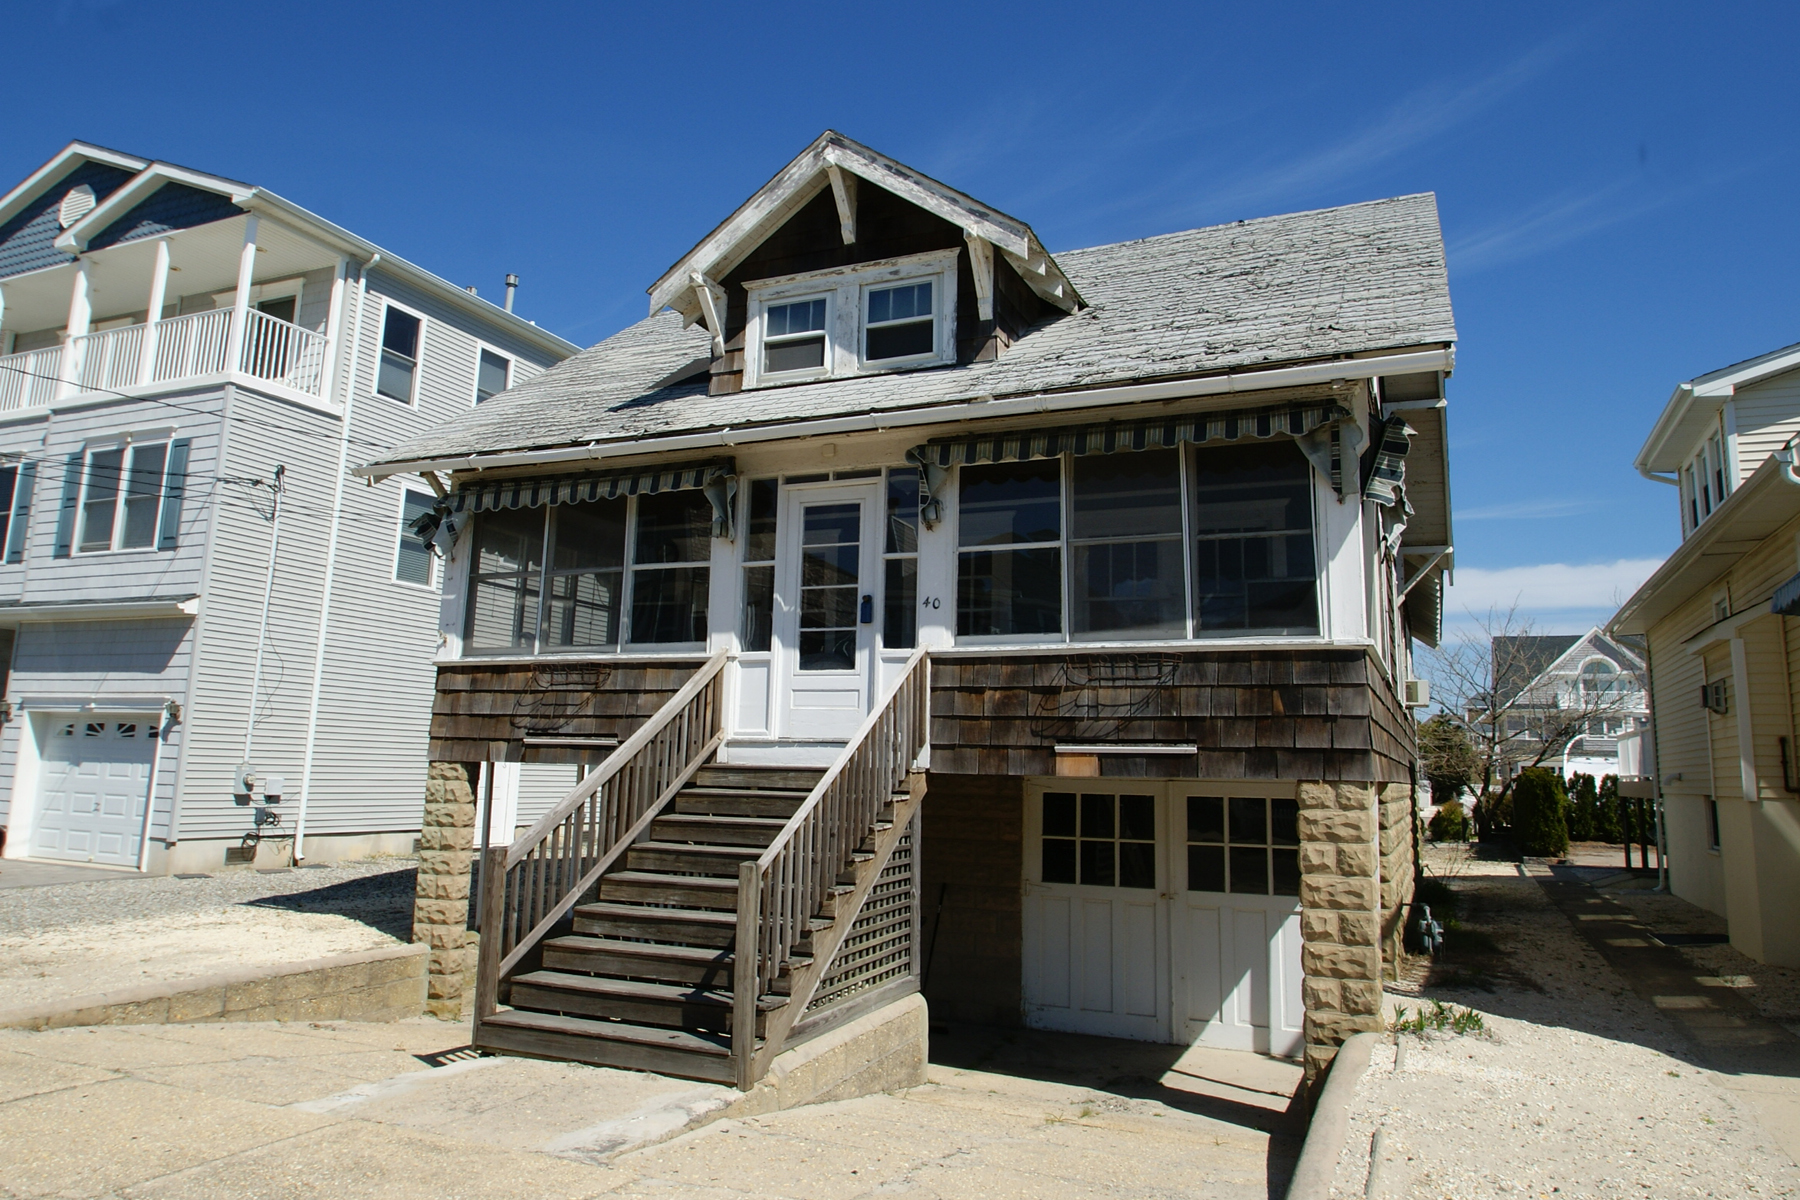 Maison unifamiliale pour l Vente à Normandy Beach Ocean Block Home 40 3rd Avenue Normandy Beach, New Jersey, 08739 États-Unis